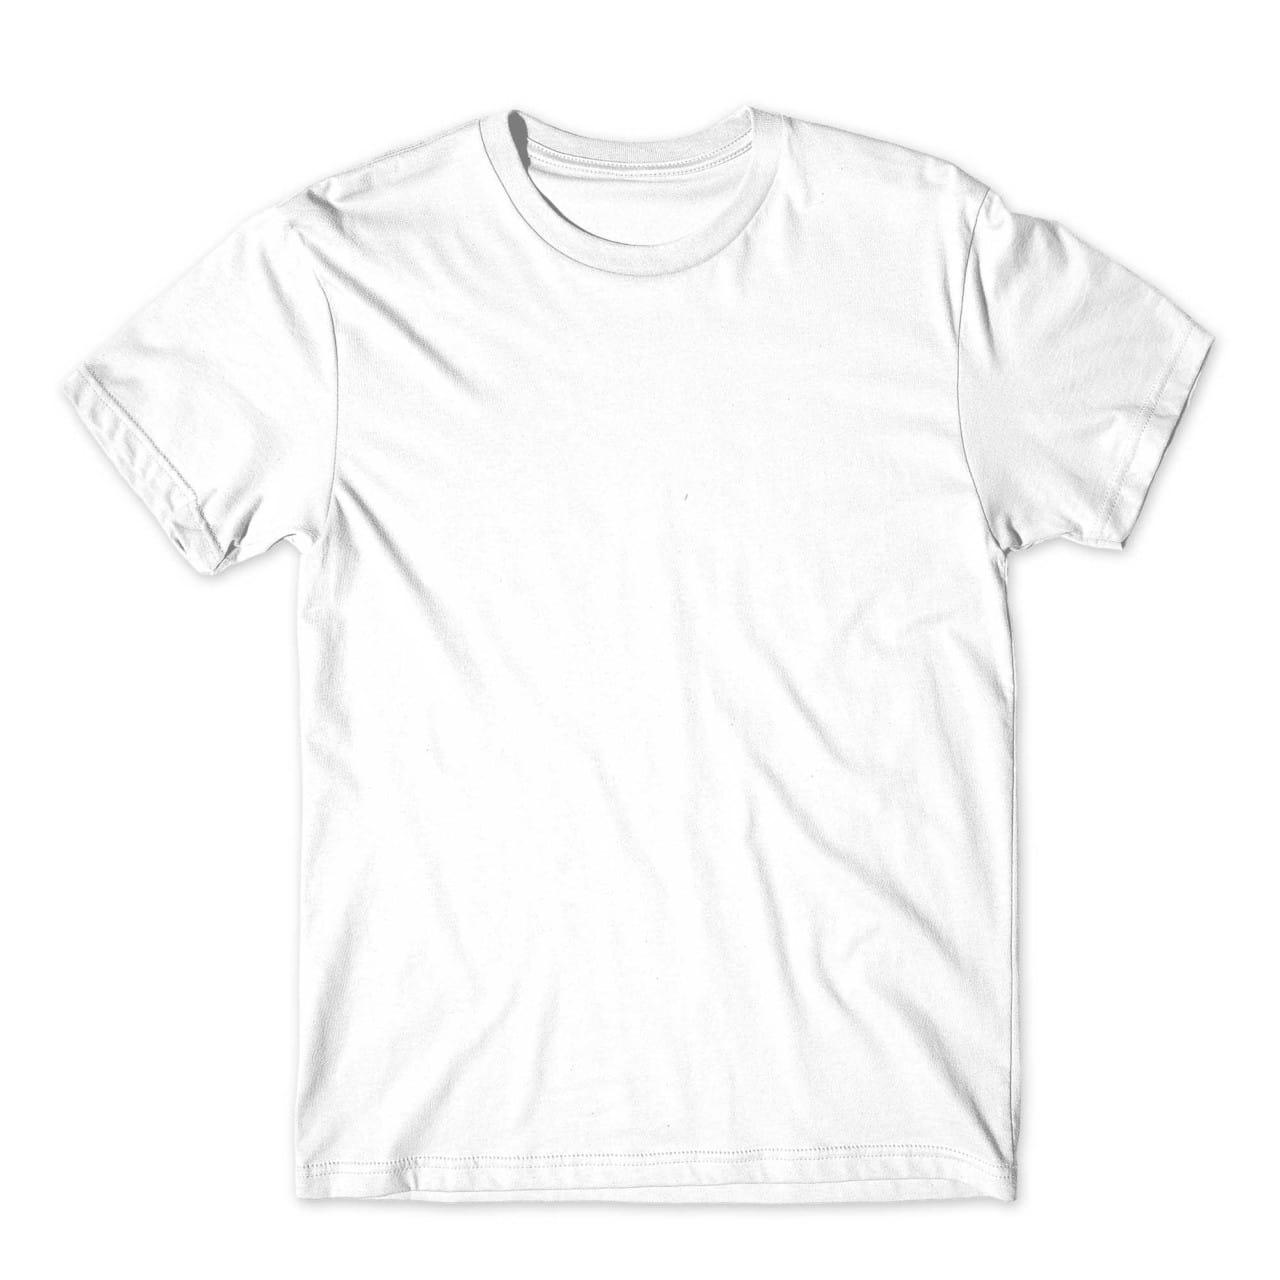 8ff0a09929 Prémium minőségű 100% pamut póló | PamutLabor Pólónyomda